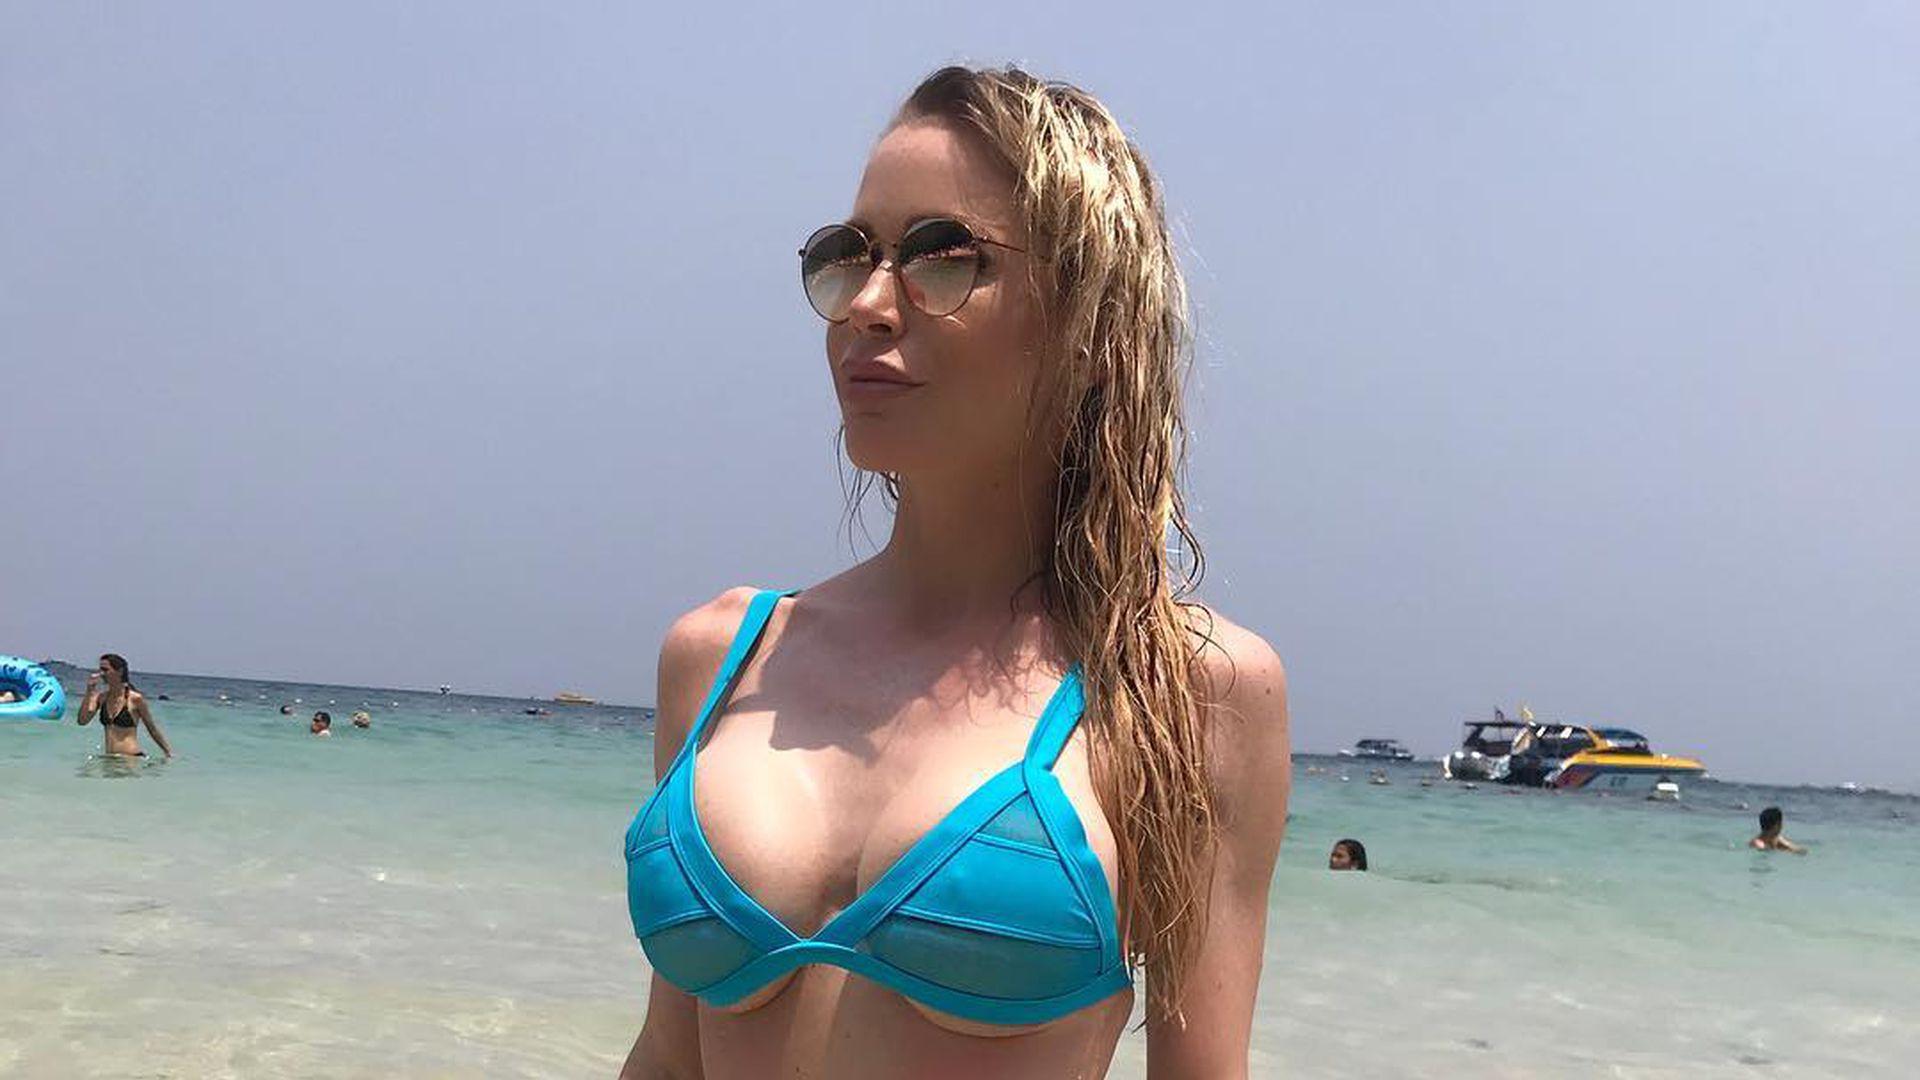 Video Ramona Bernhard nudes (68 foto and video), Topless, Hot, Twitter, in bikini 2006